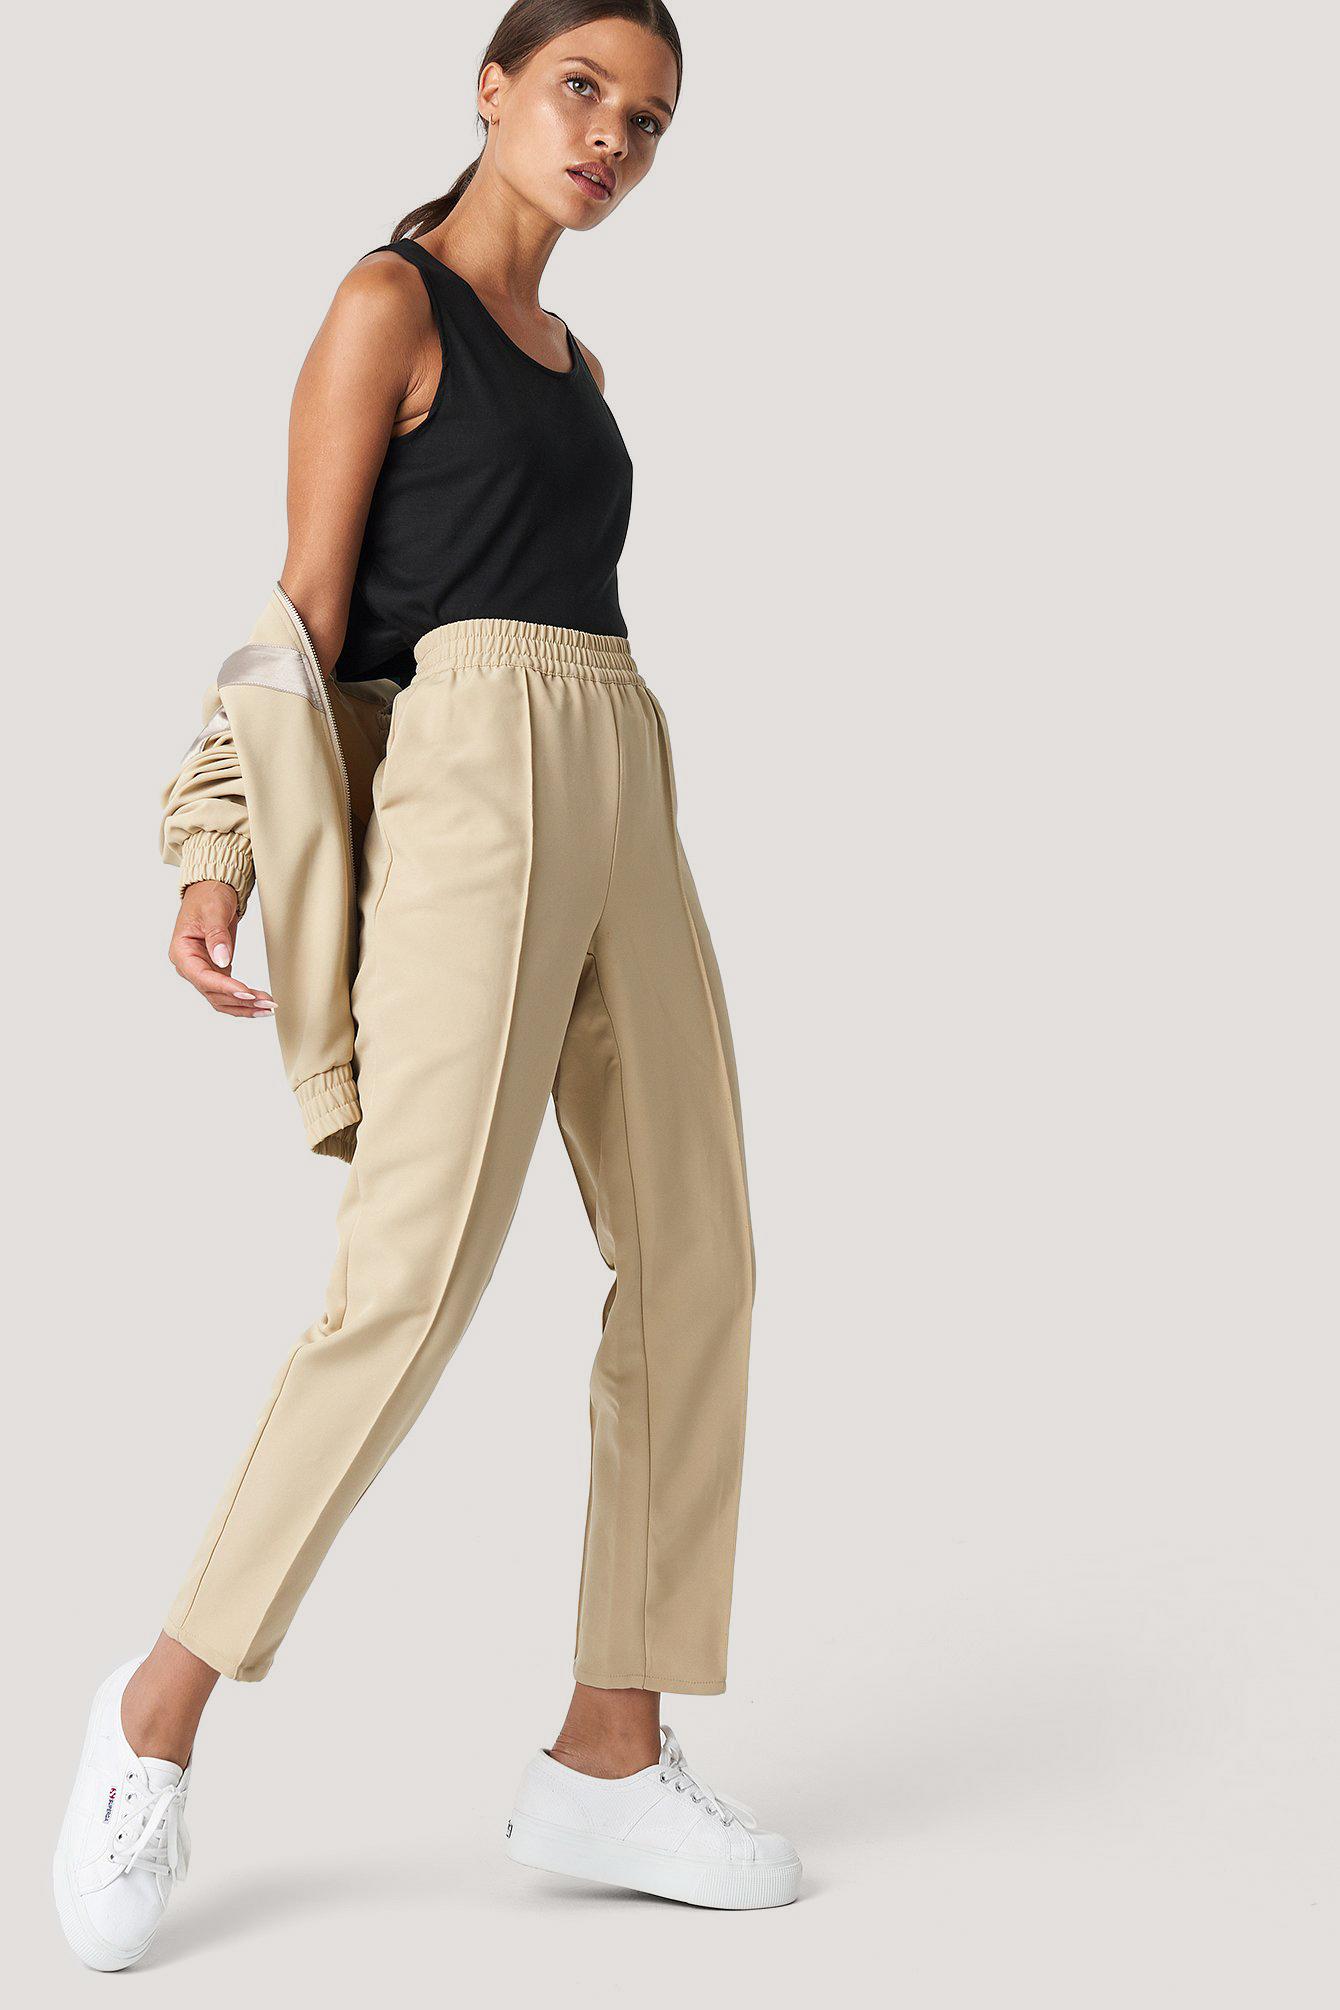 Elastic Waist Seamline Pants